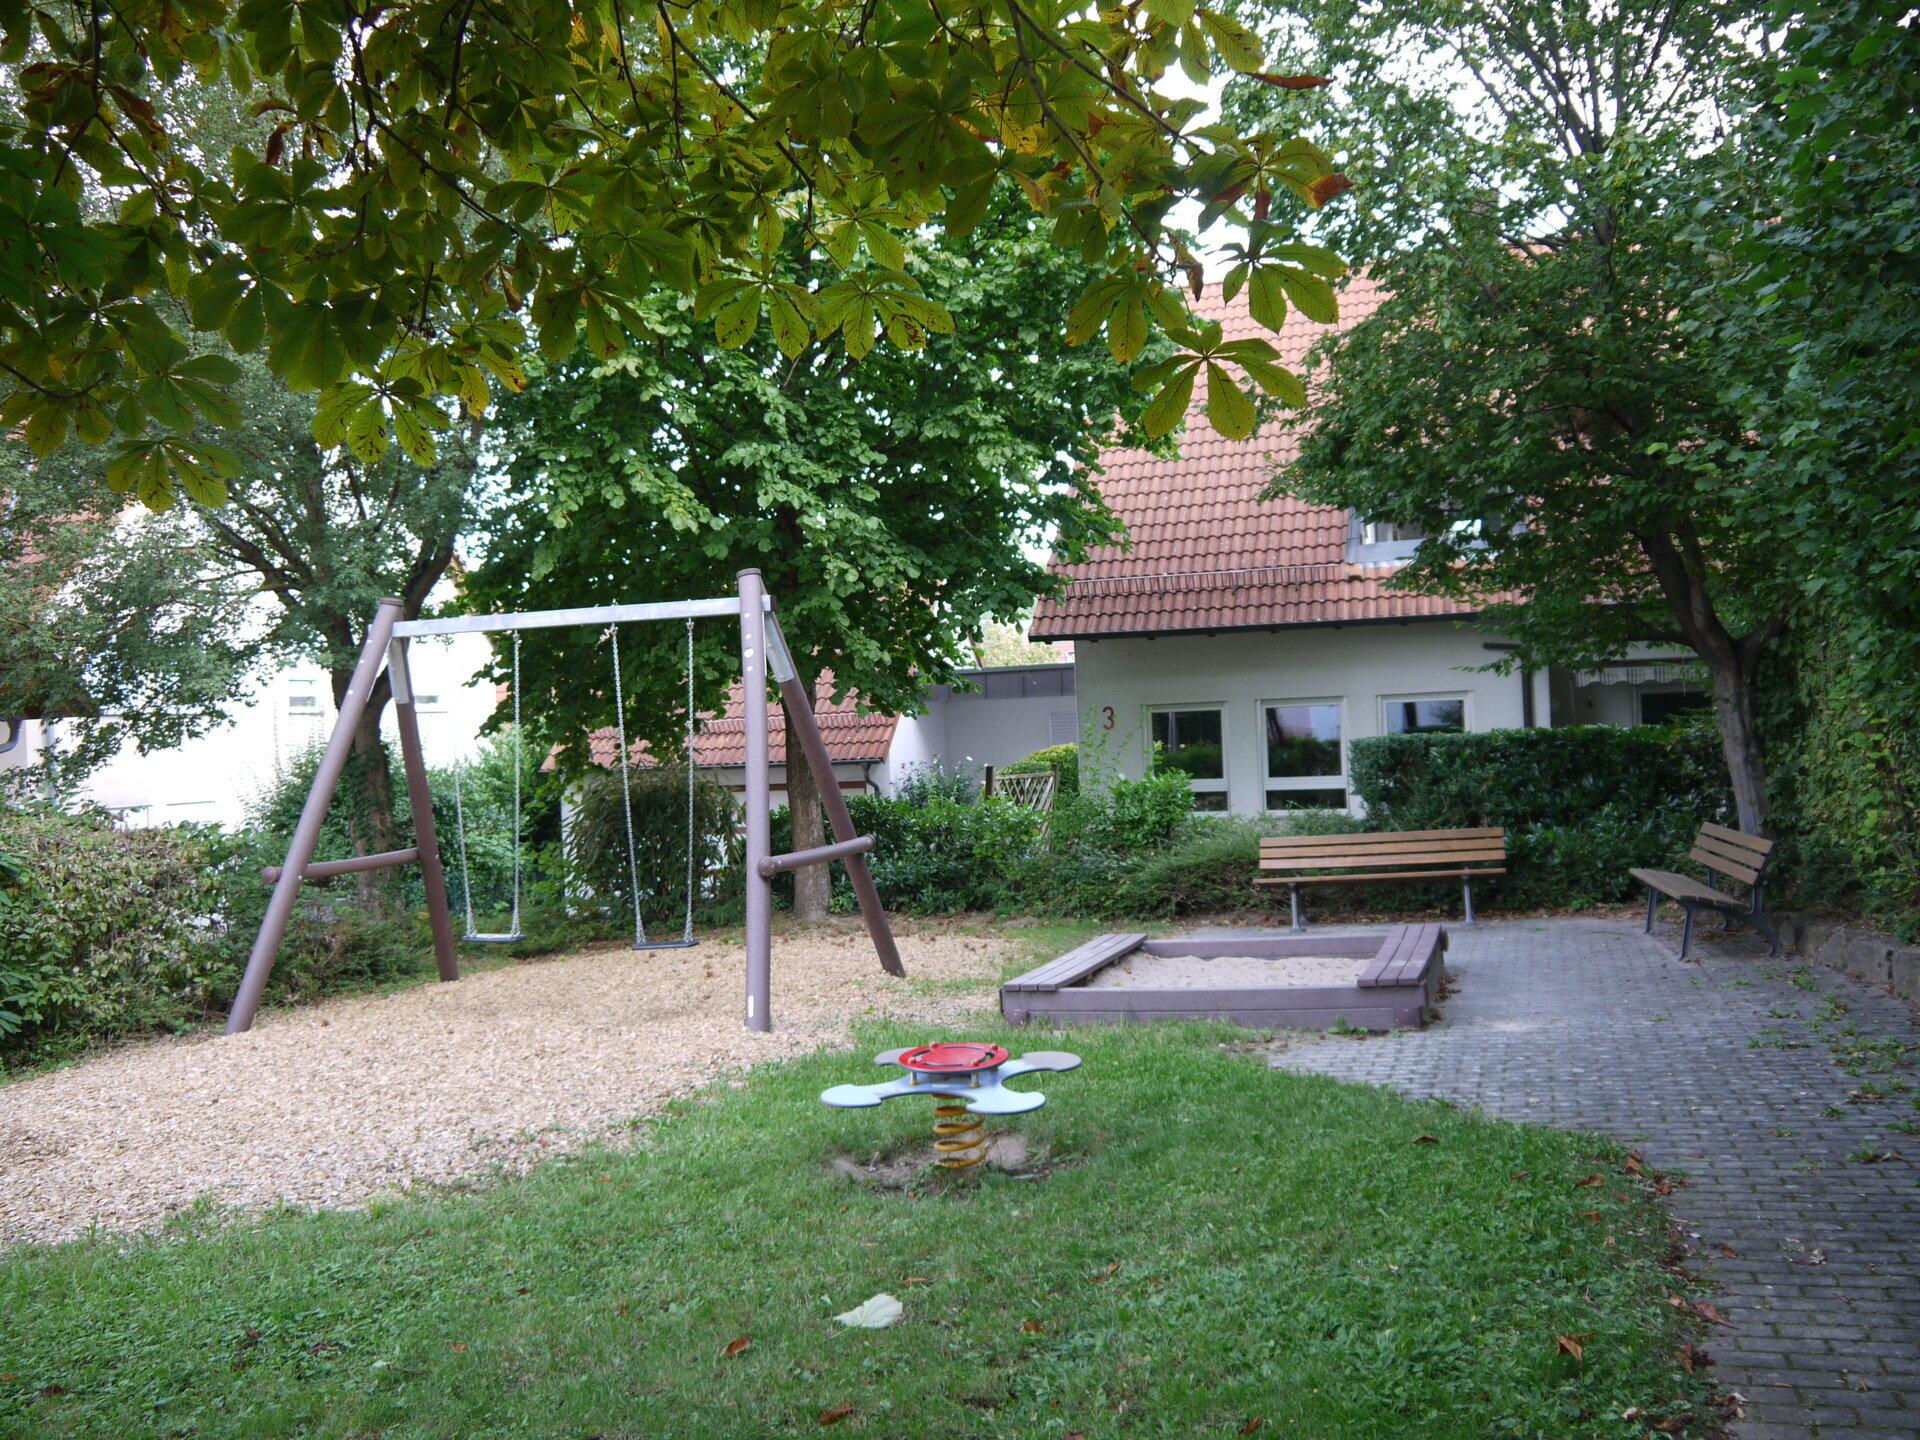 Spielplatz am Hohlweg